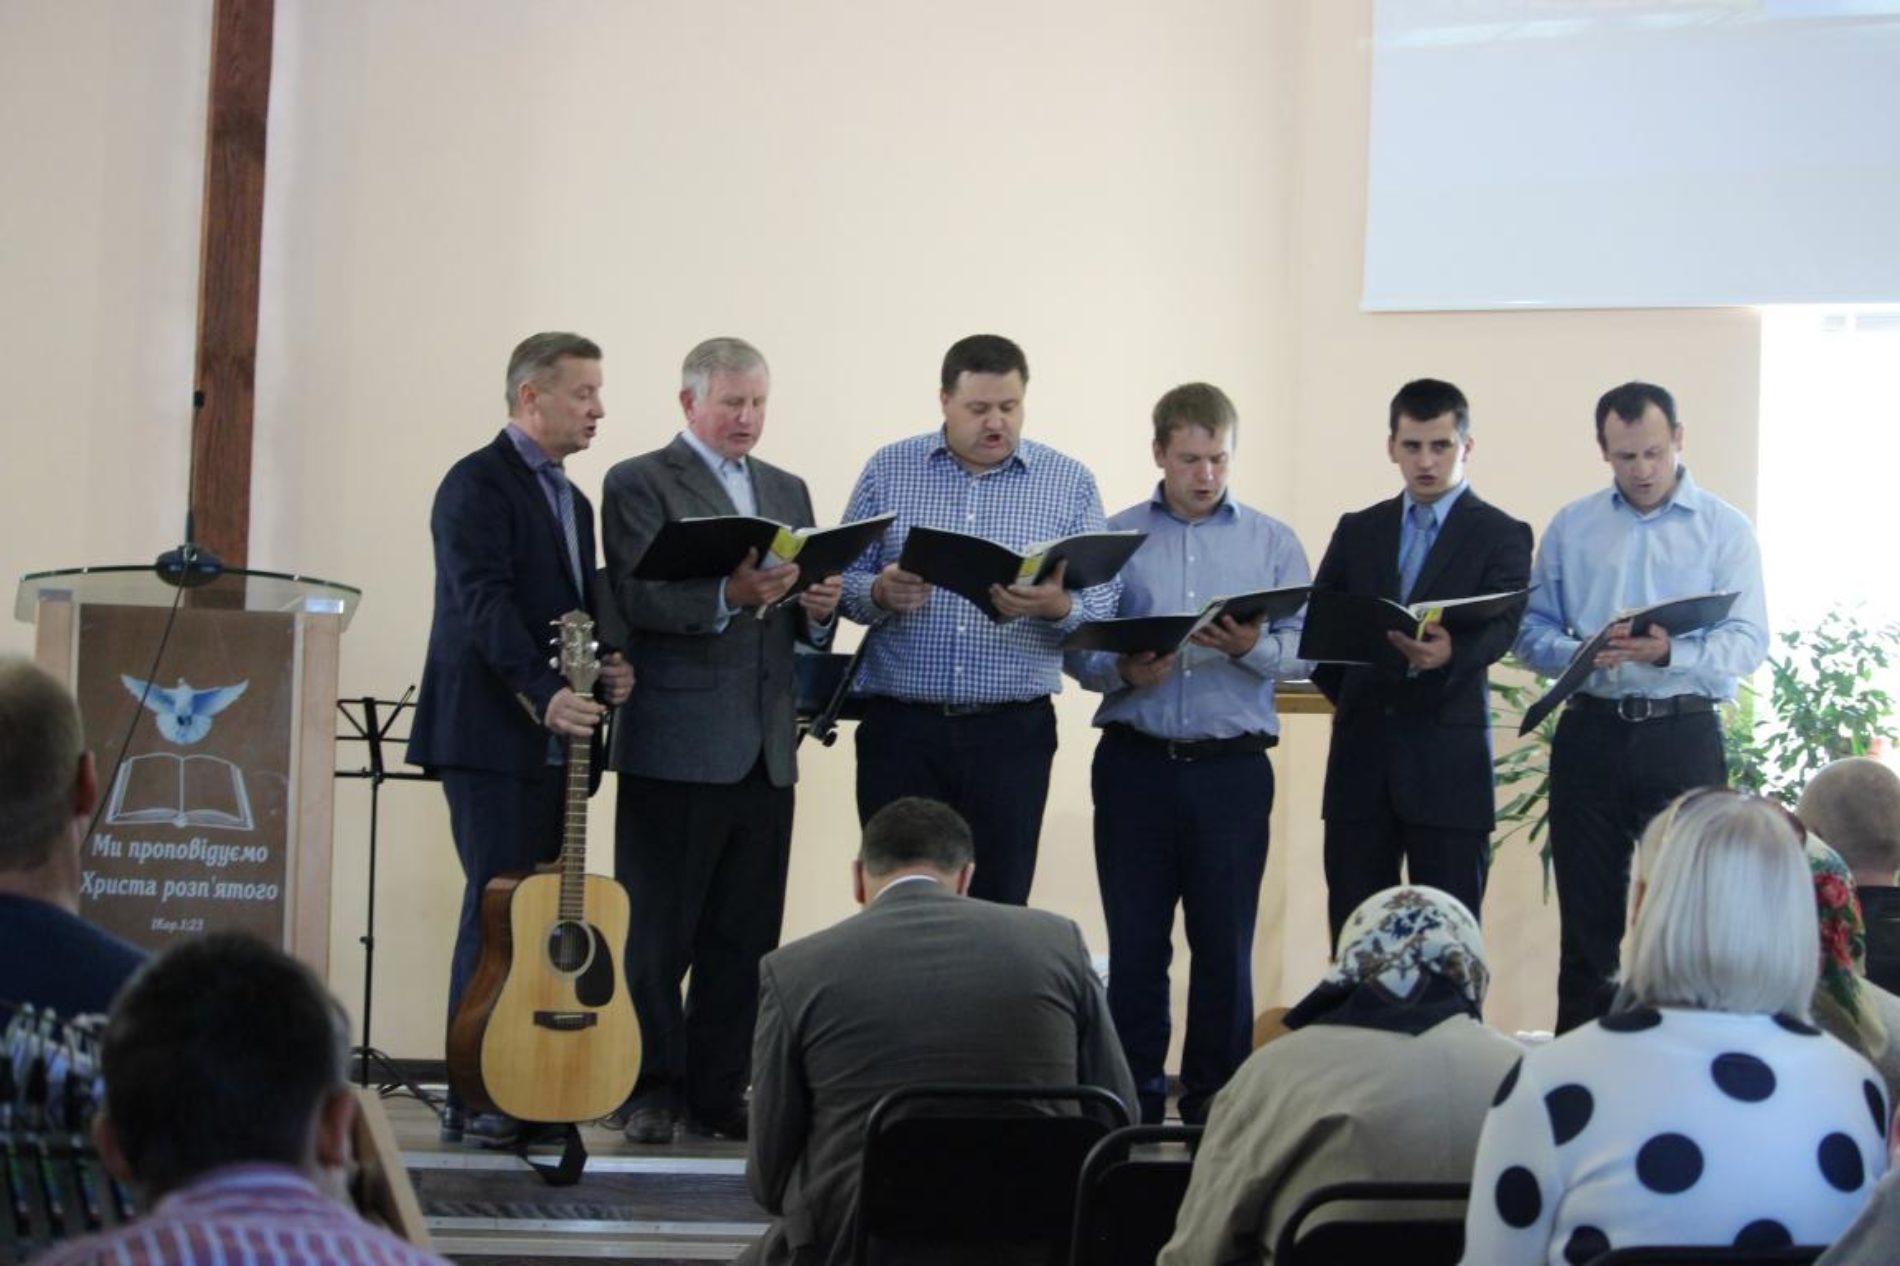 """Нотатки з """"Господнього Ковчегу"""" – церква у місті Ржищеві святкувала День подяки й річницю відкриття Дому молитви"""